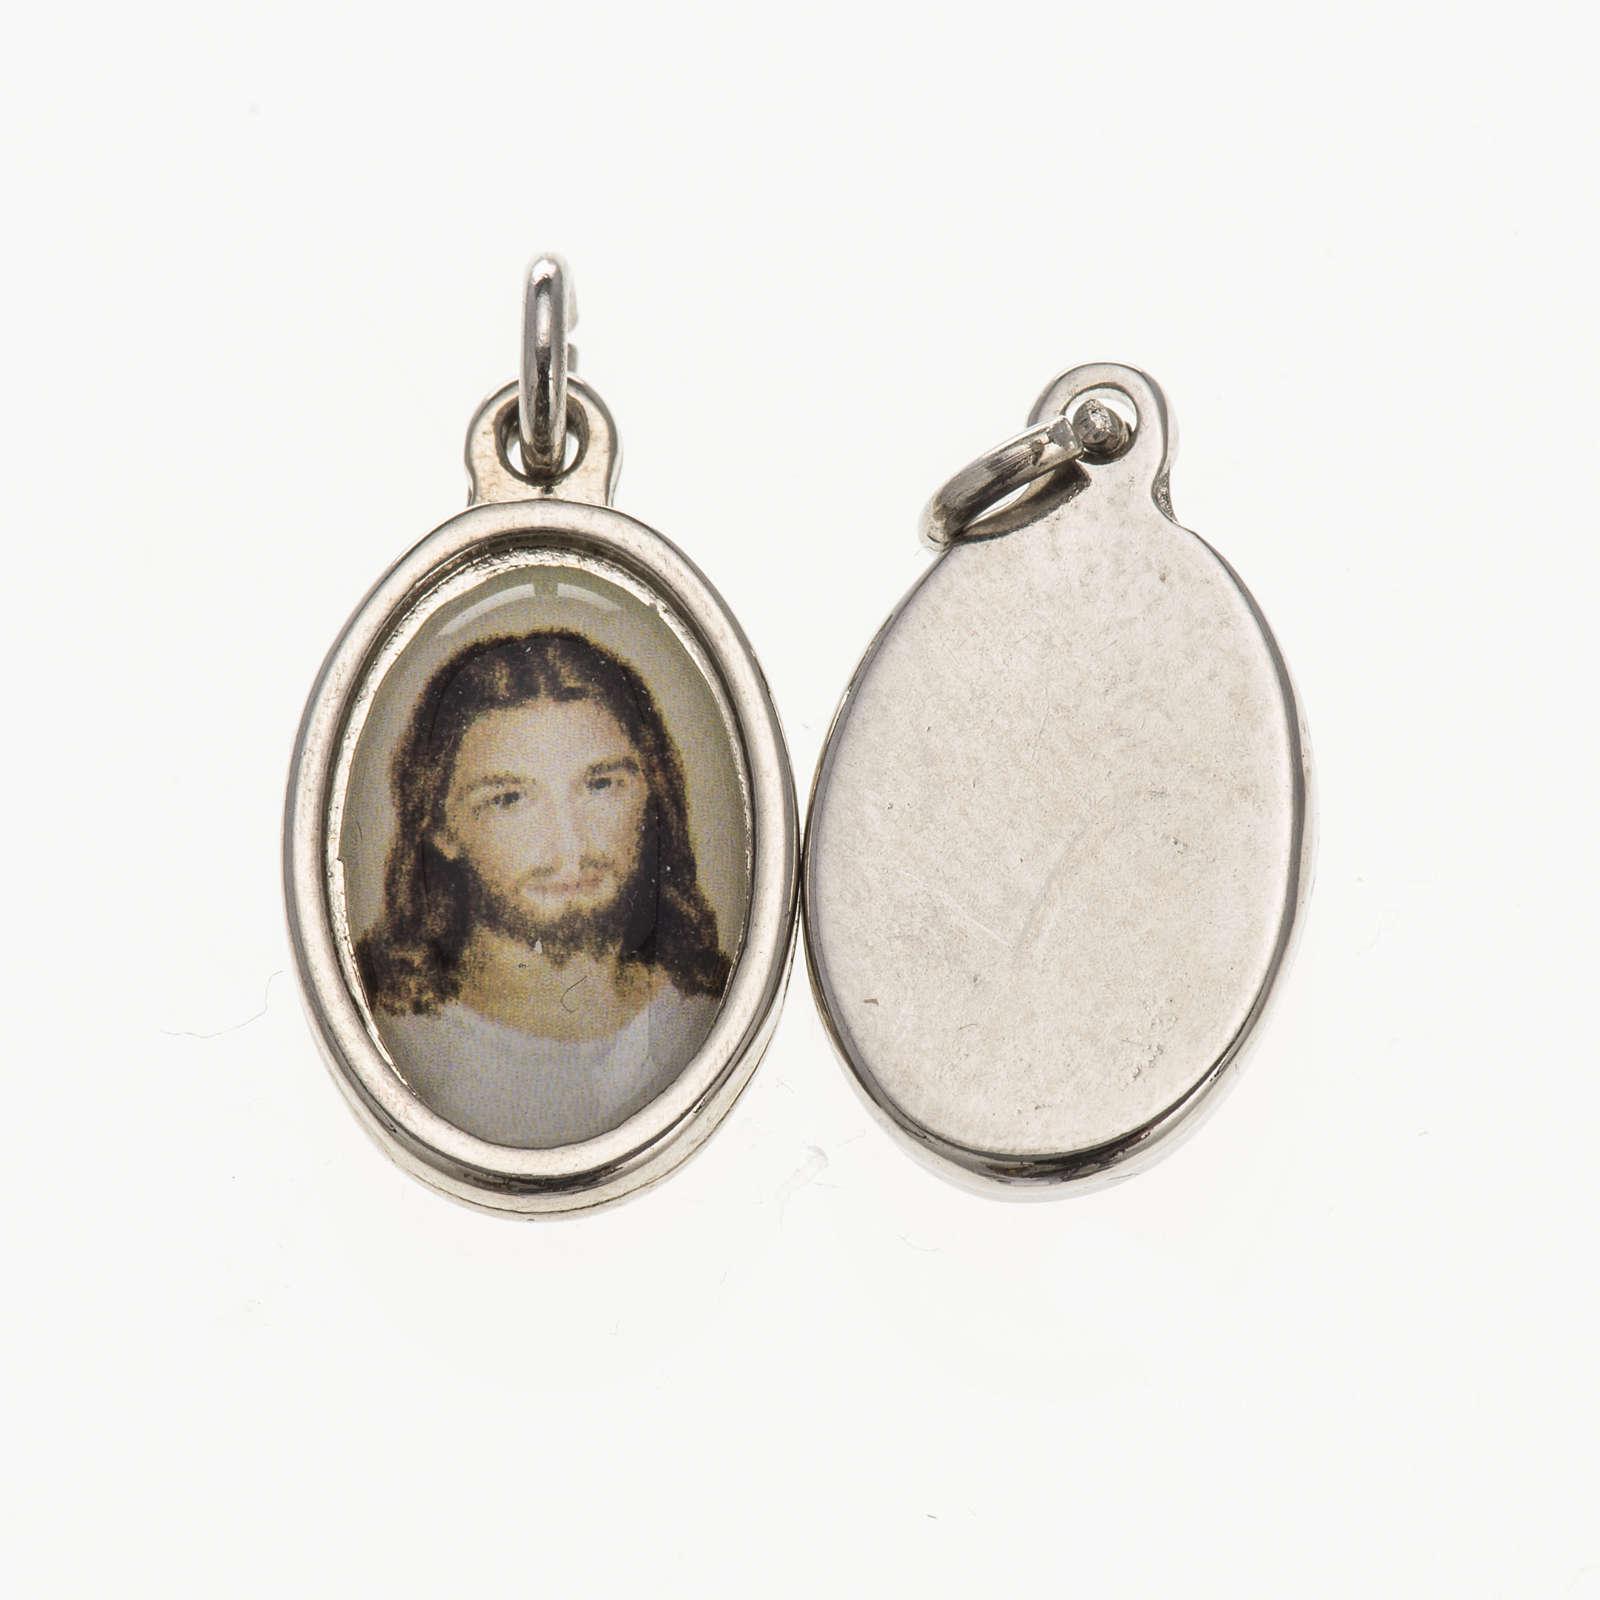 Medaglia volto Cristo metallo argentato resina 1,5x1 cm 4